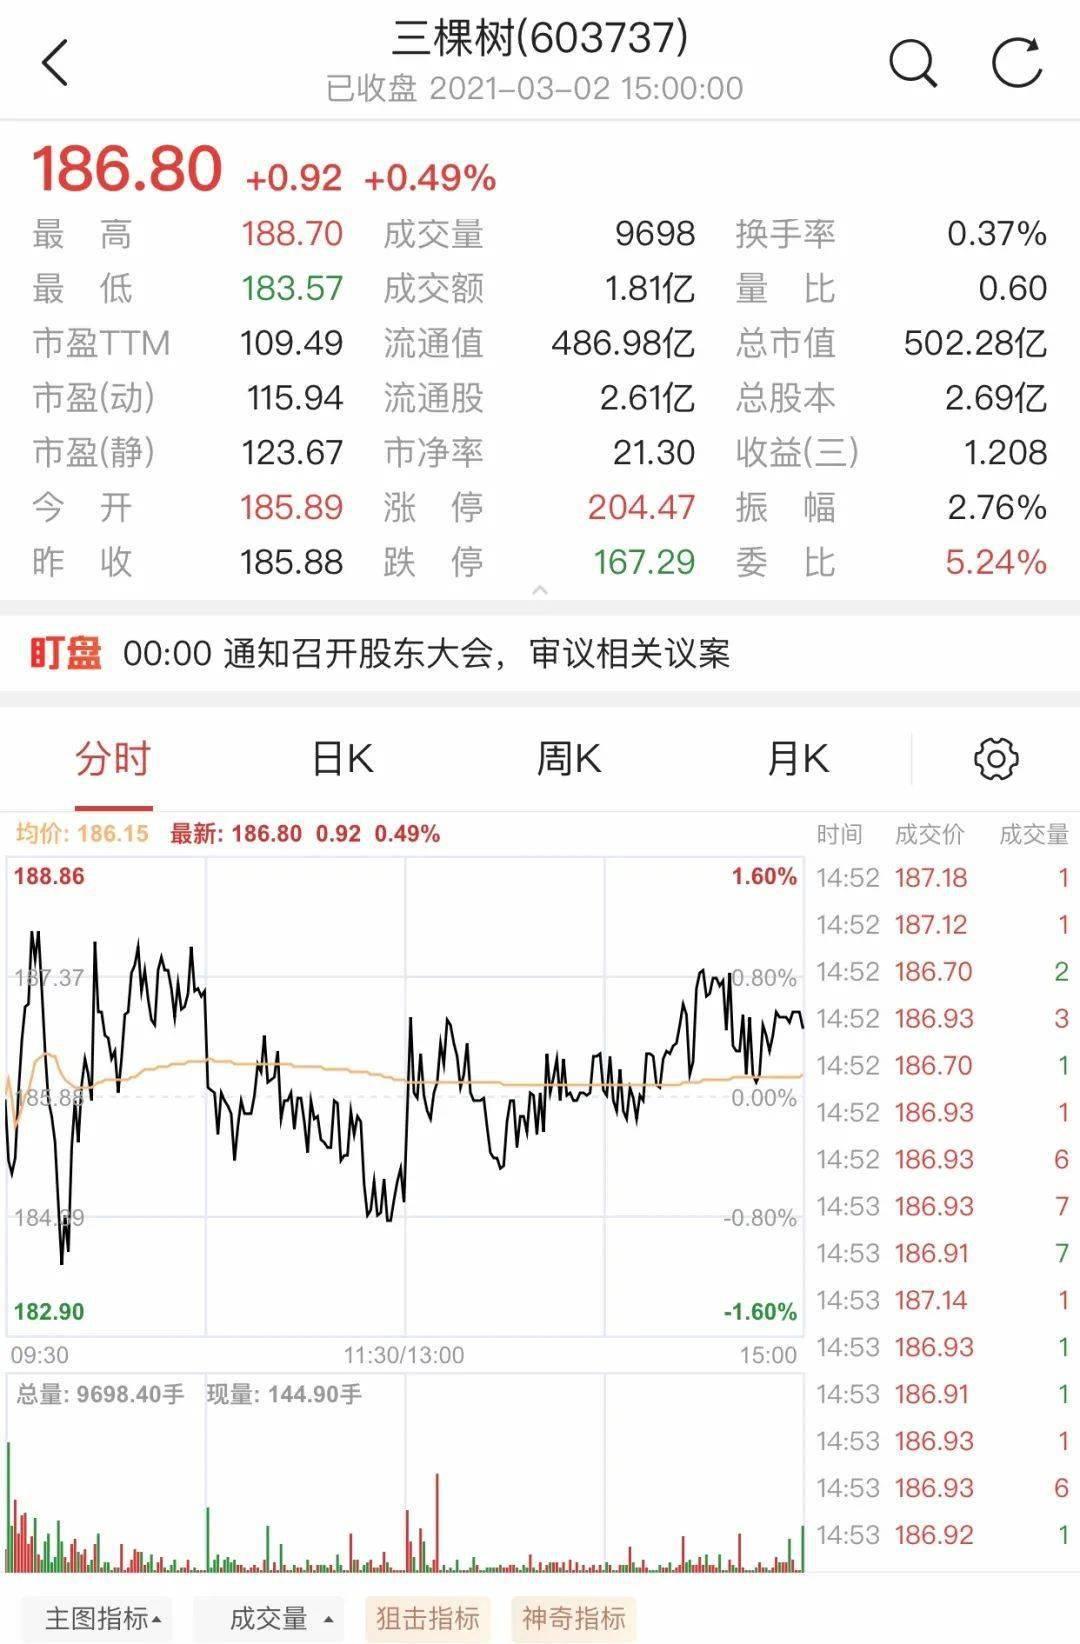 【金融】三叔市值首次突破500亿,未来将继续引领行业